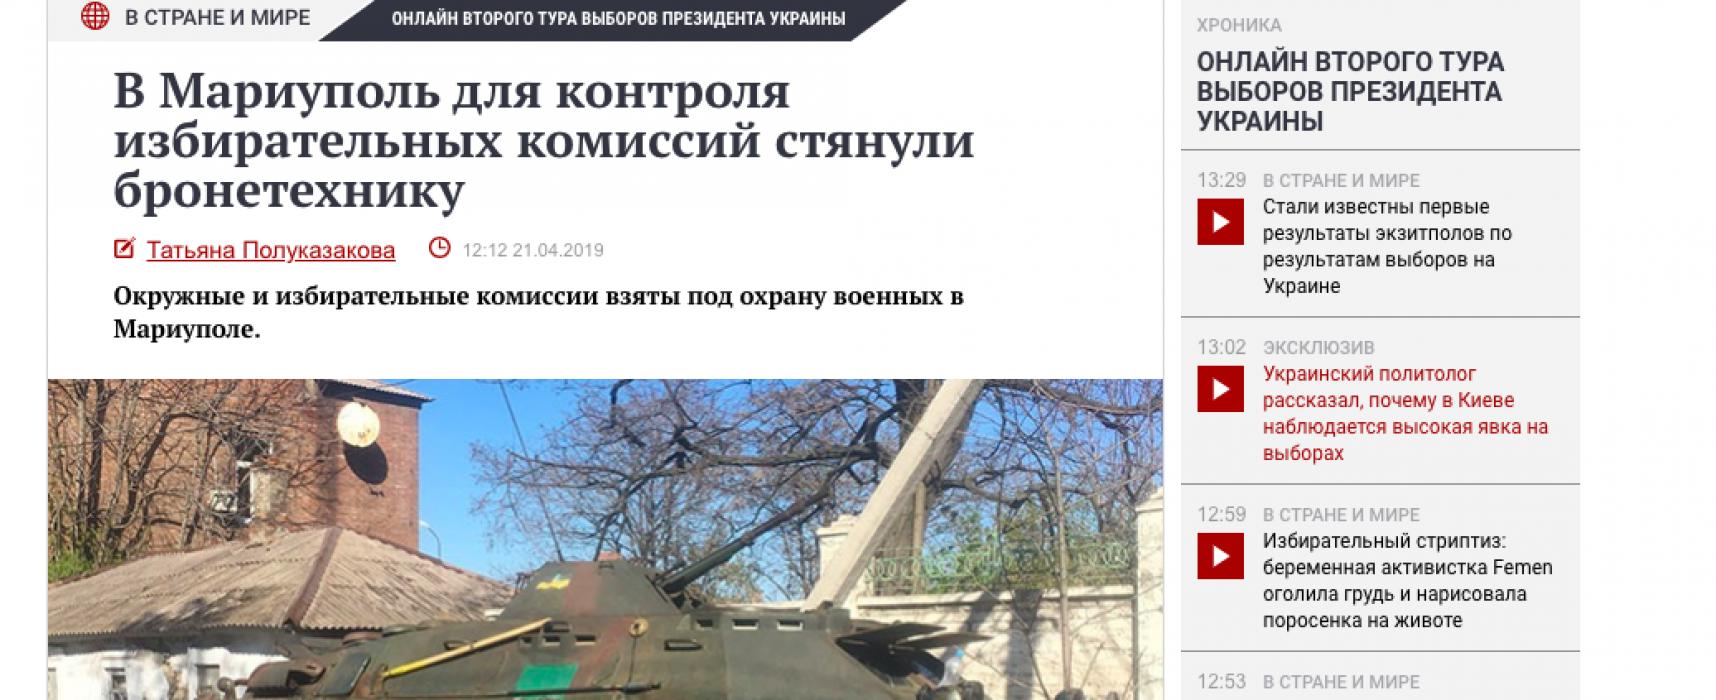 Фейк: Вибори на Донбасі контролюють «озброєні українські карателі»